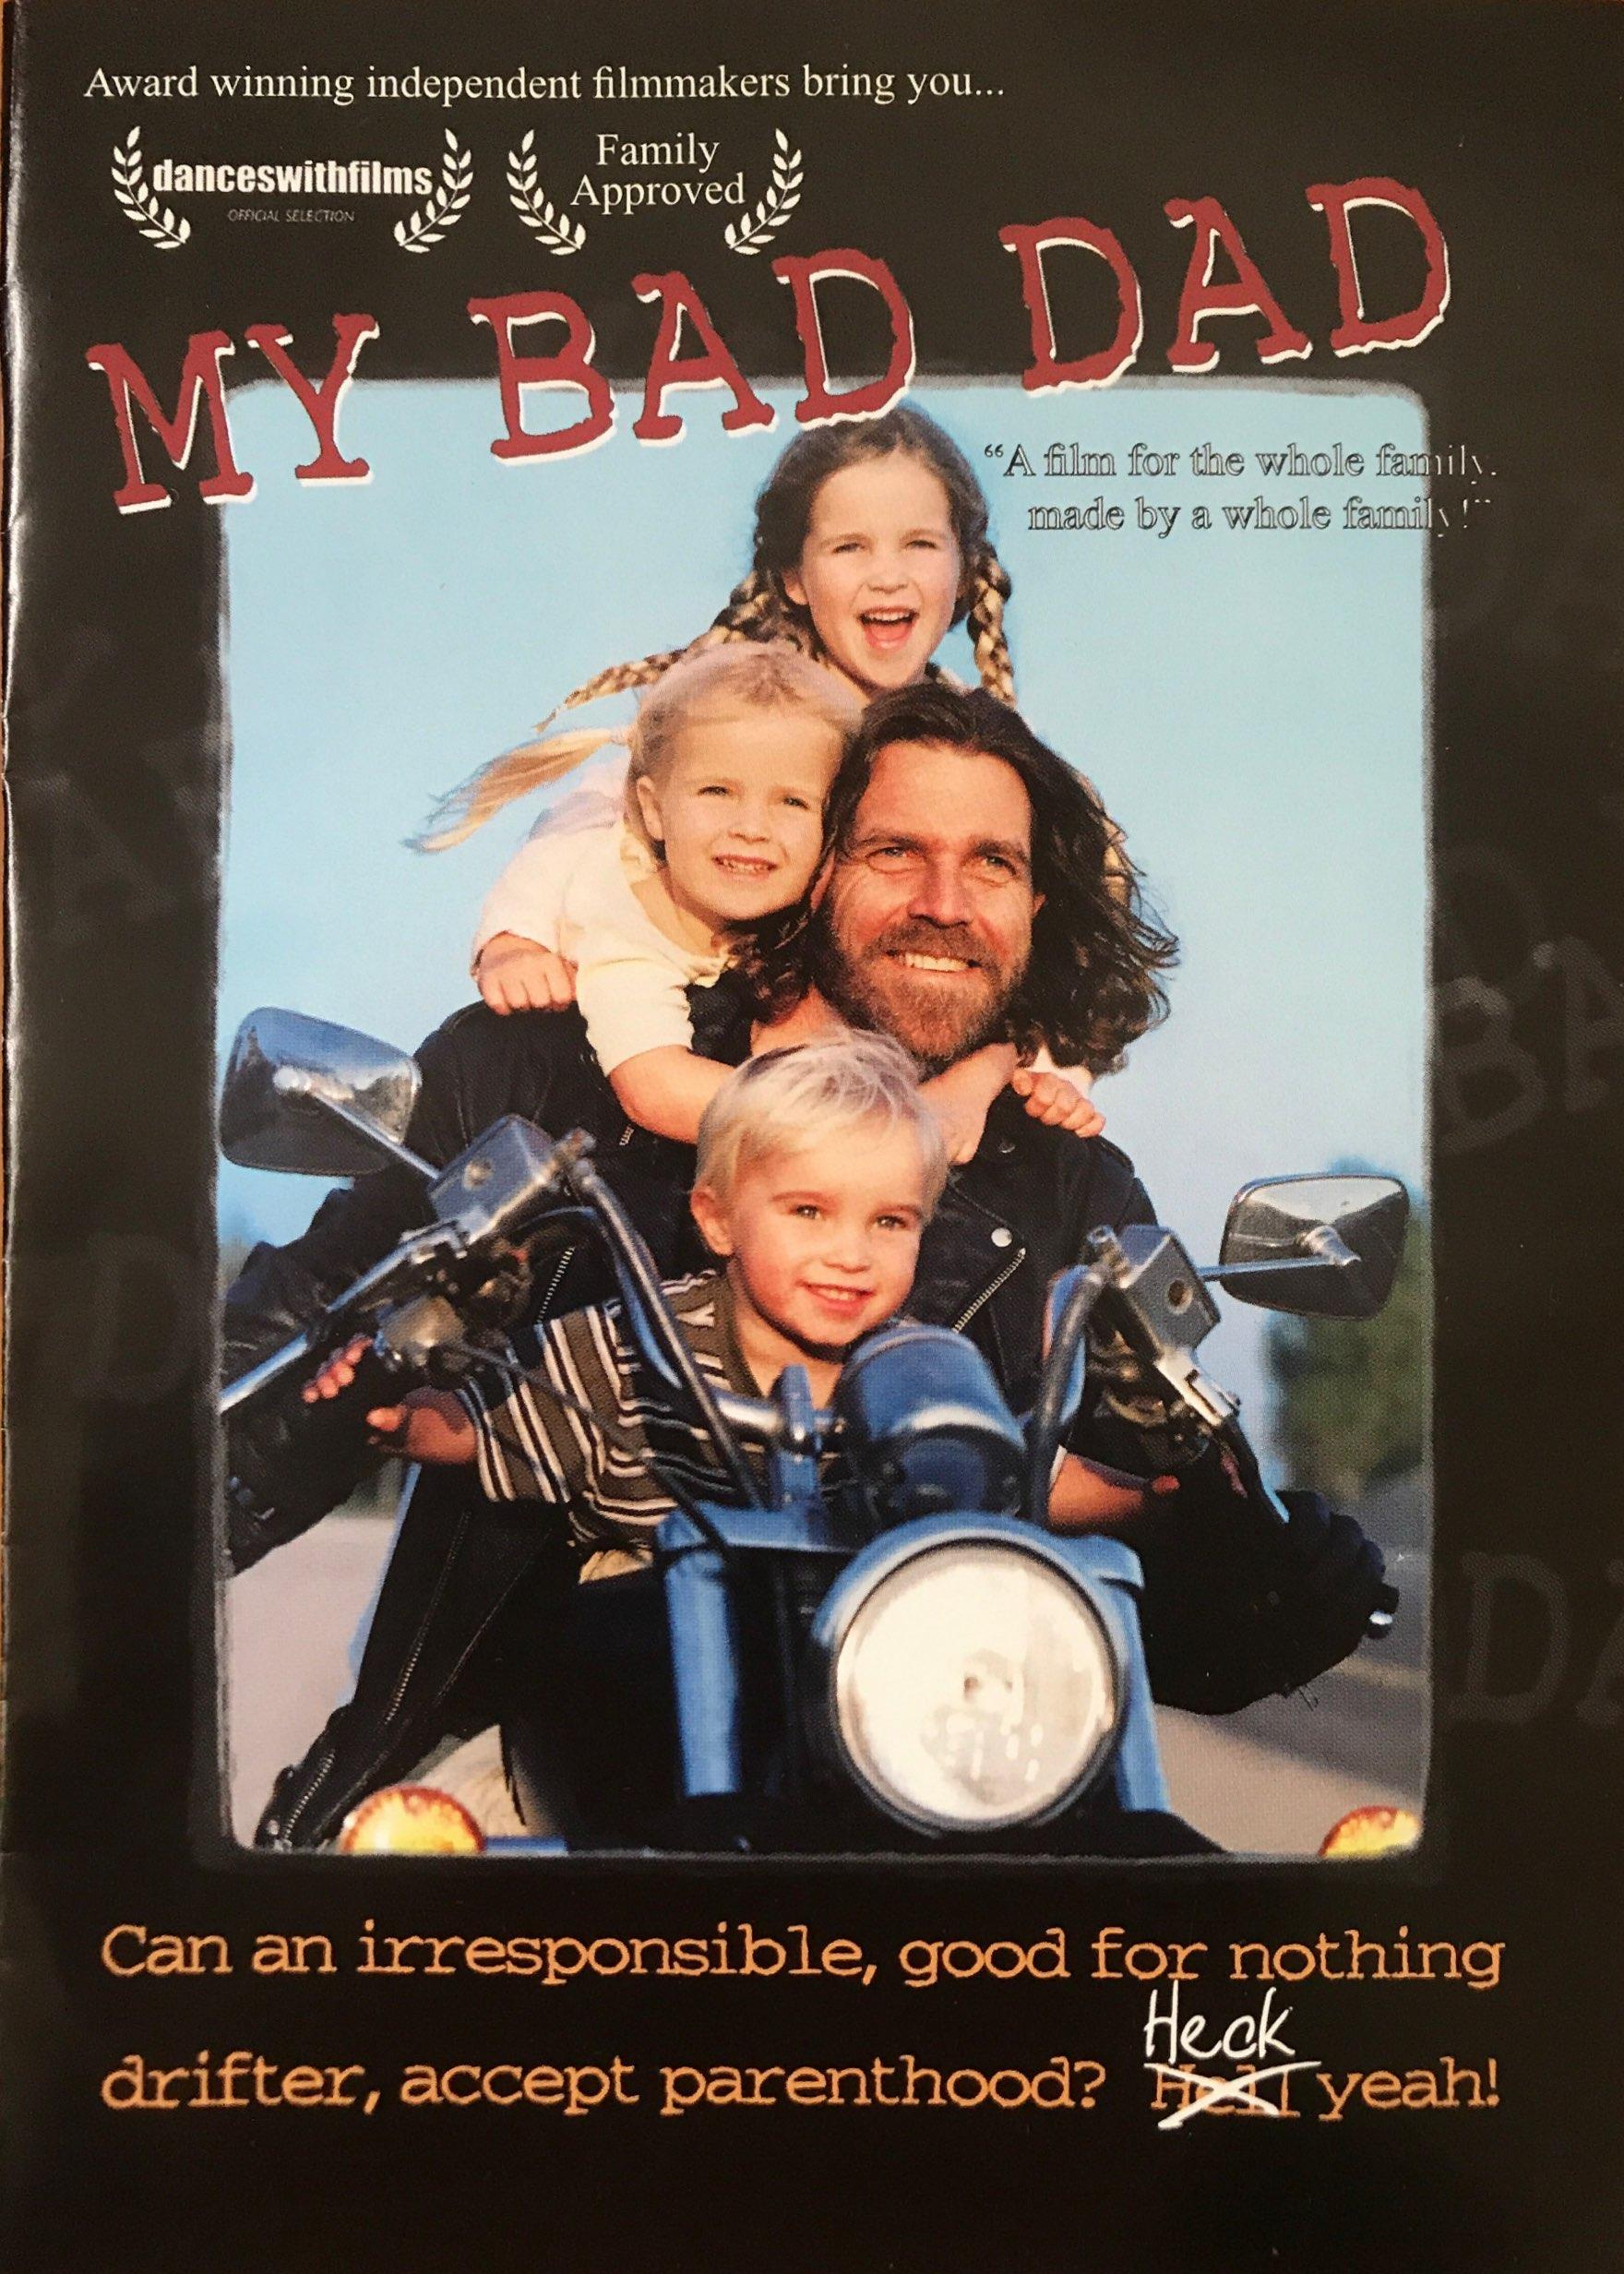 My Bad Dad (2006)